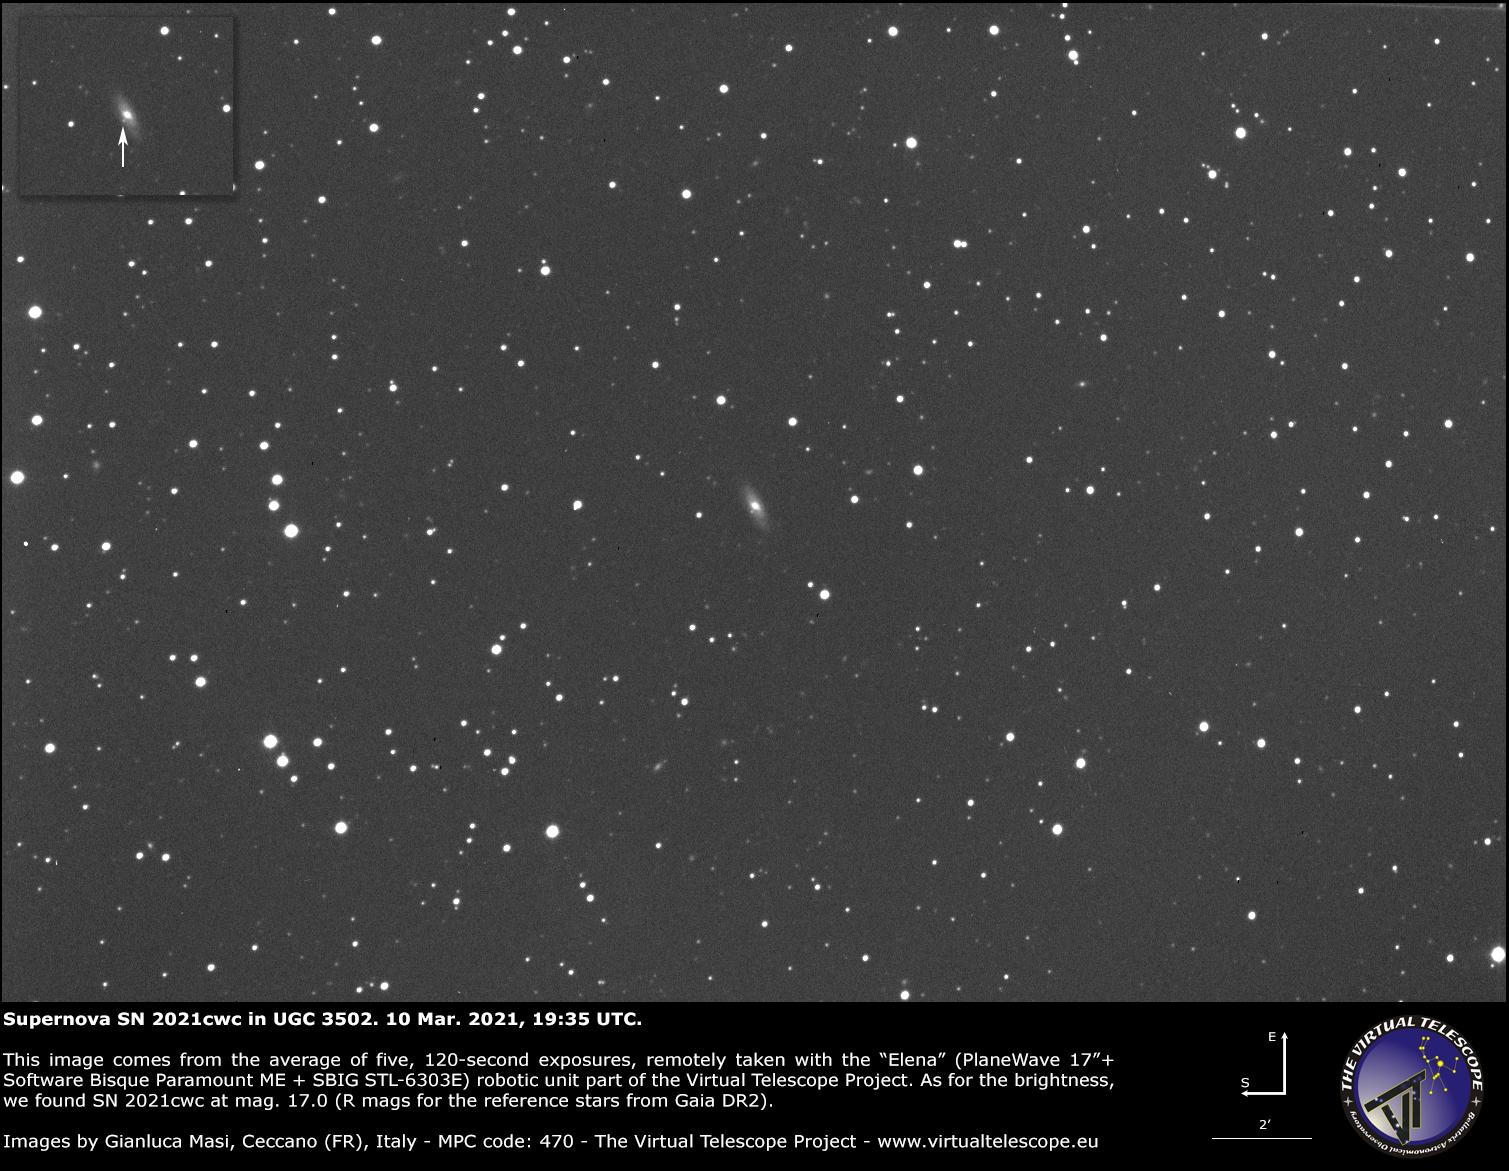 Supernova SN 2021cwc in UGC 3502 galaxy: 10 Mar. 2021.